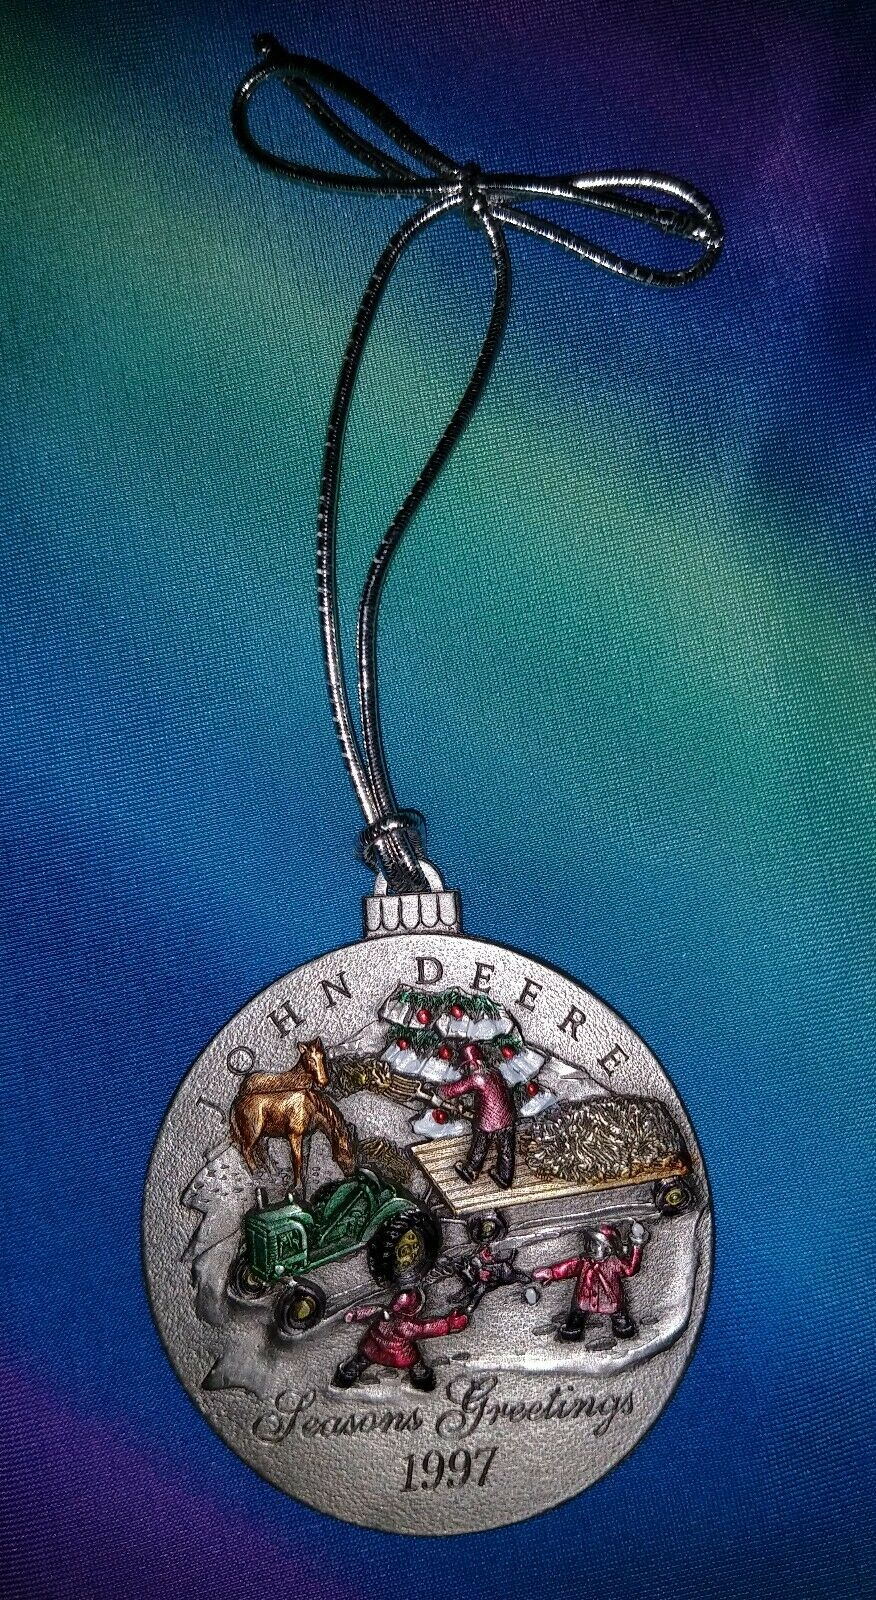 John Deere 1997 Season's Greetings Pewter Ornament  vintage pre owned